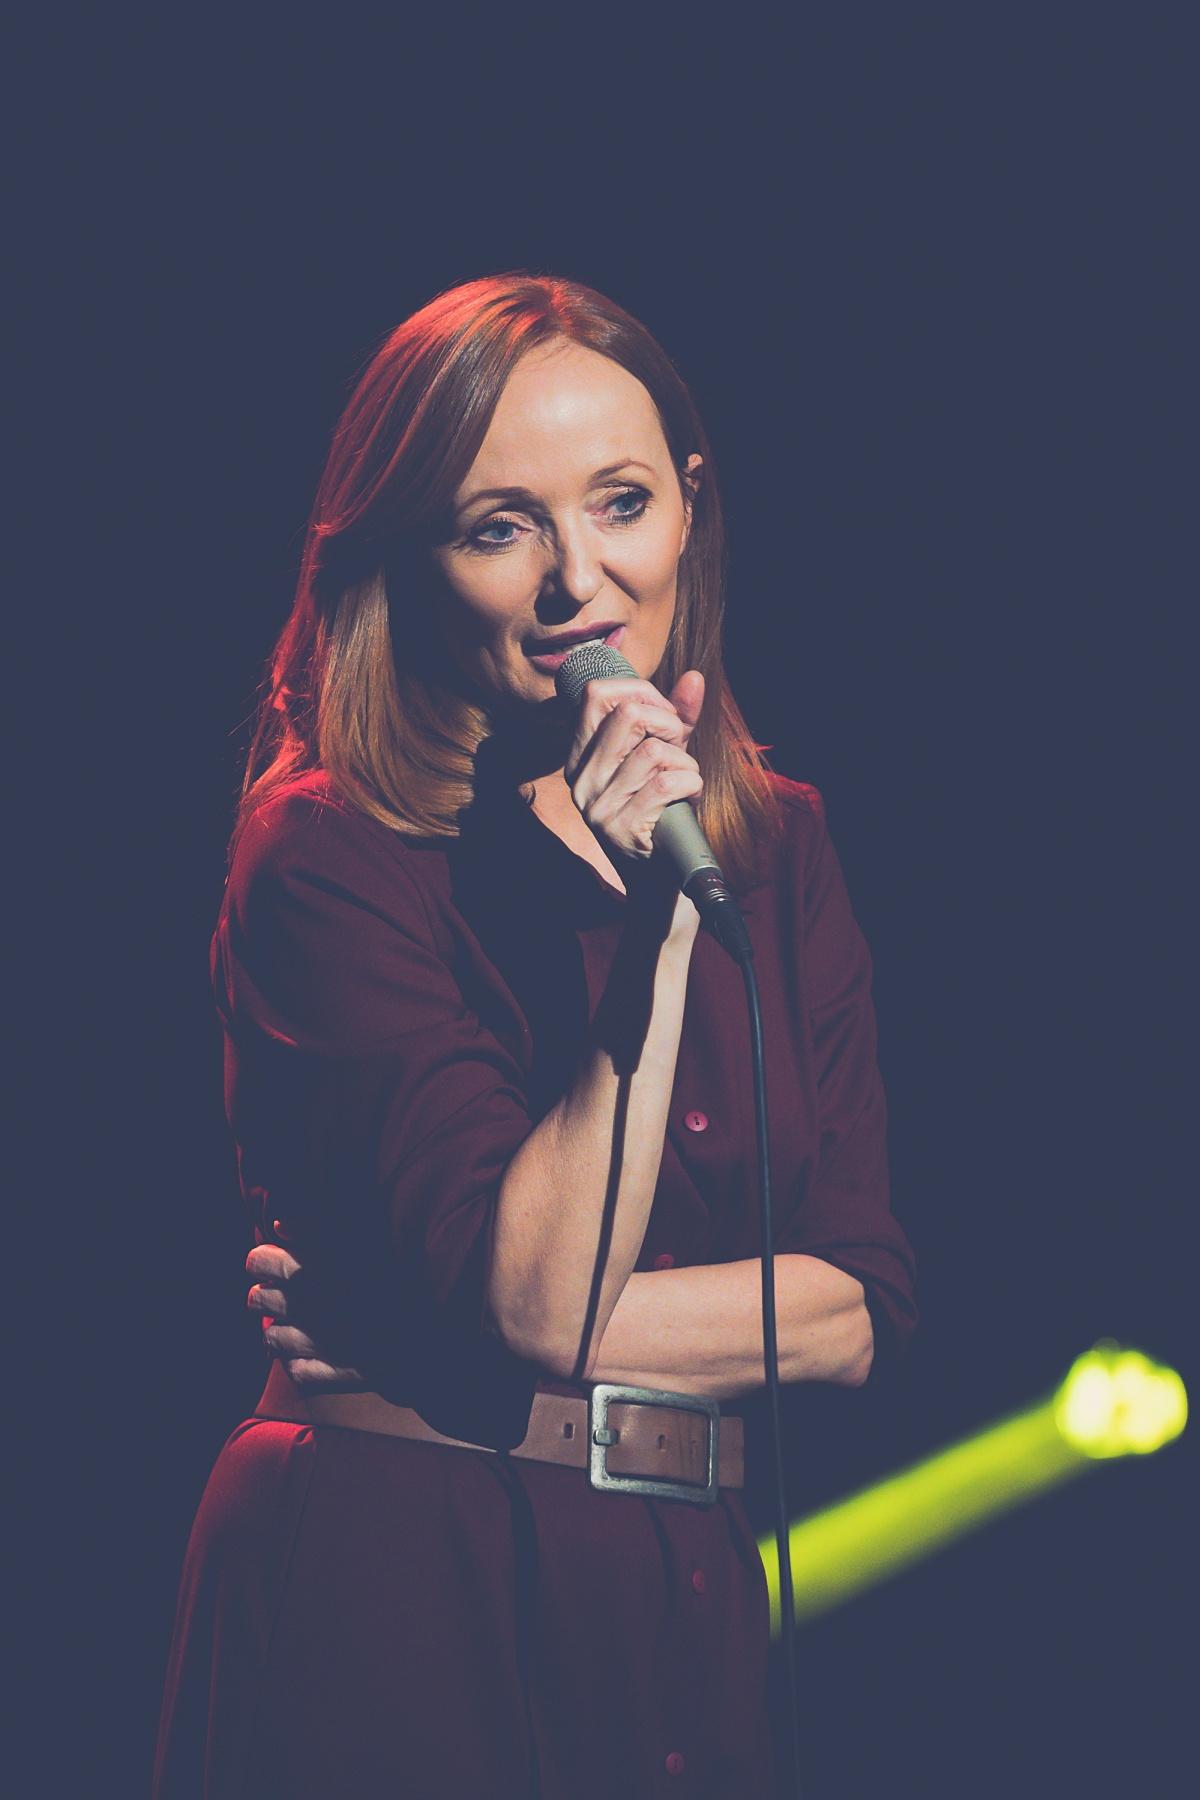 Bliski kadr obejmujący popiersie Justyny Szafran. Artystka śpiewa w jednej ręce trzymając mikrofon, a drugą trzymając założoną na pasie.